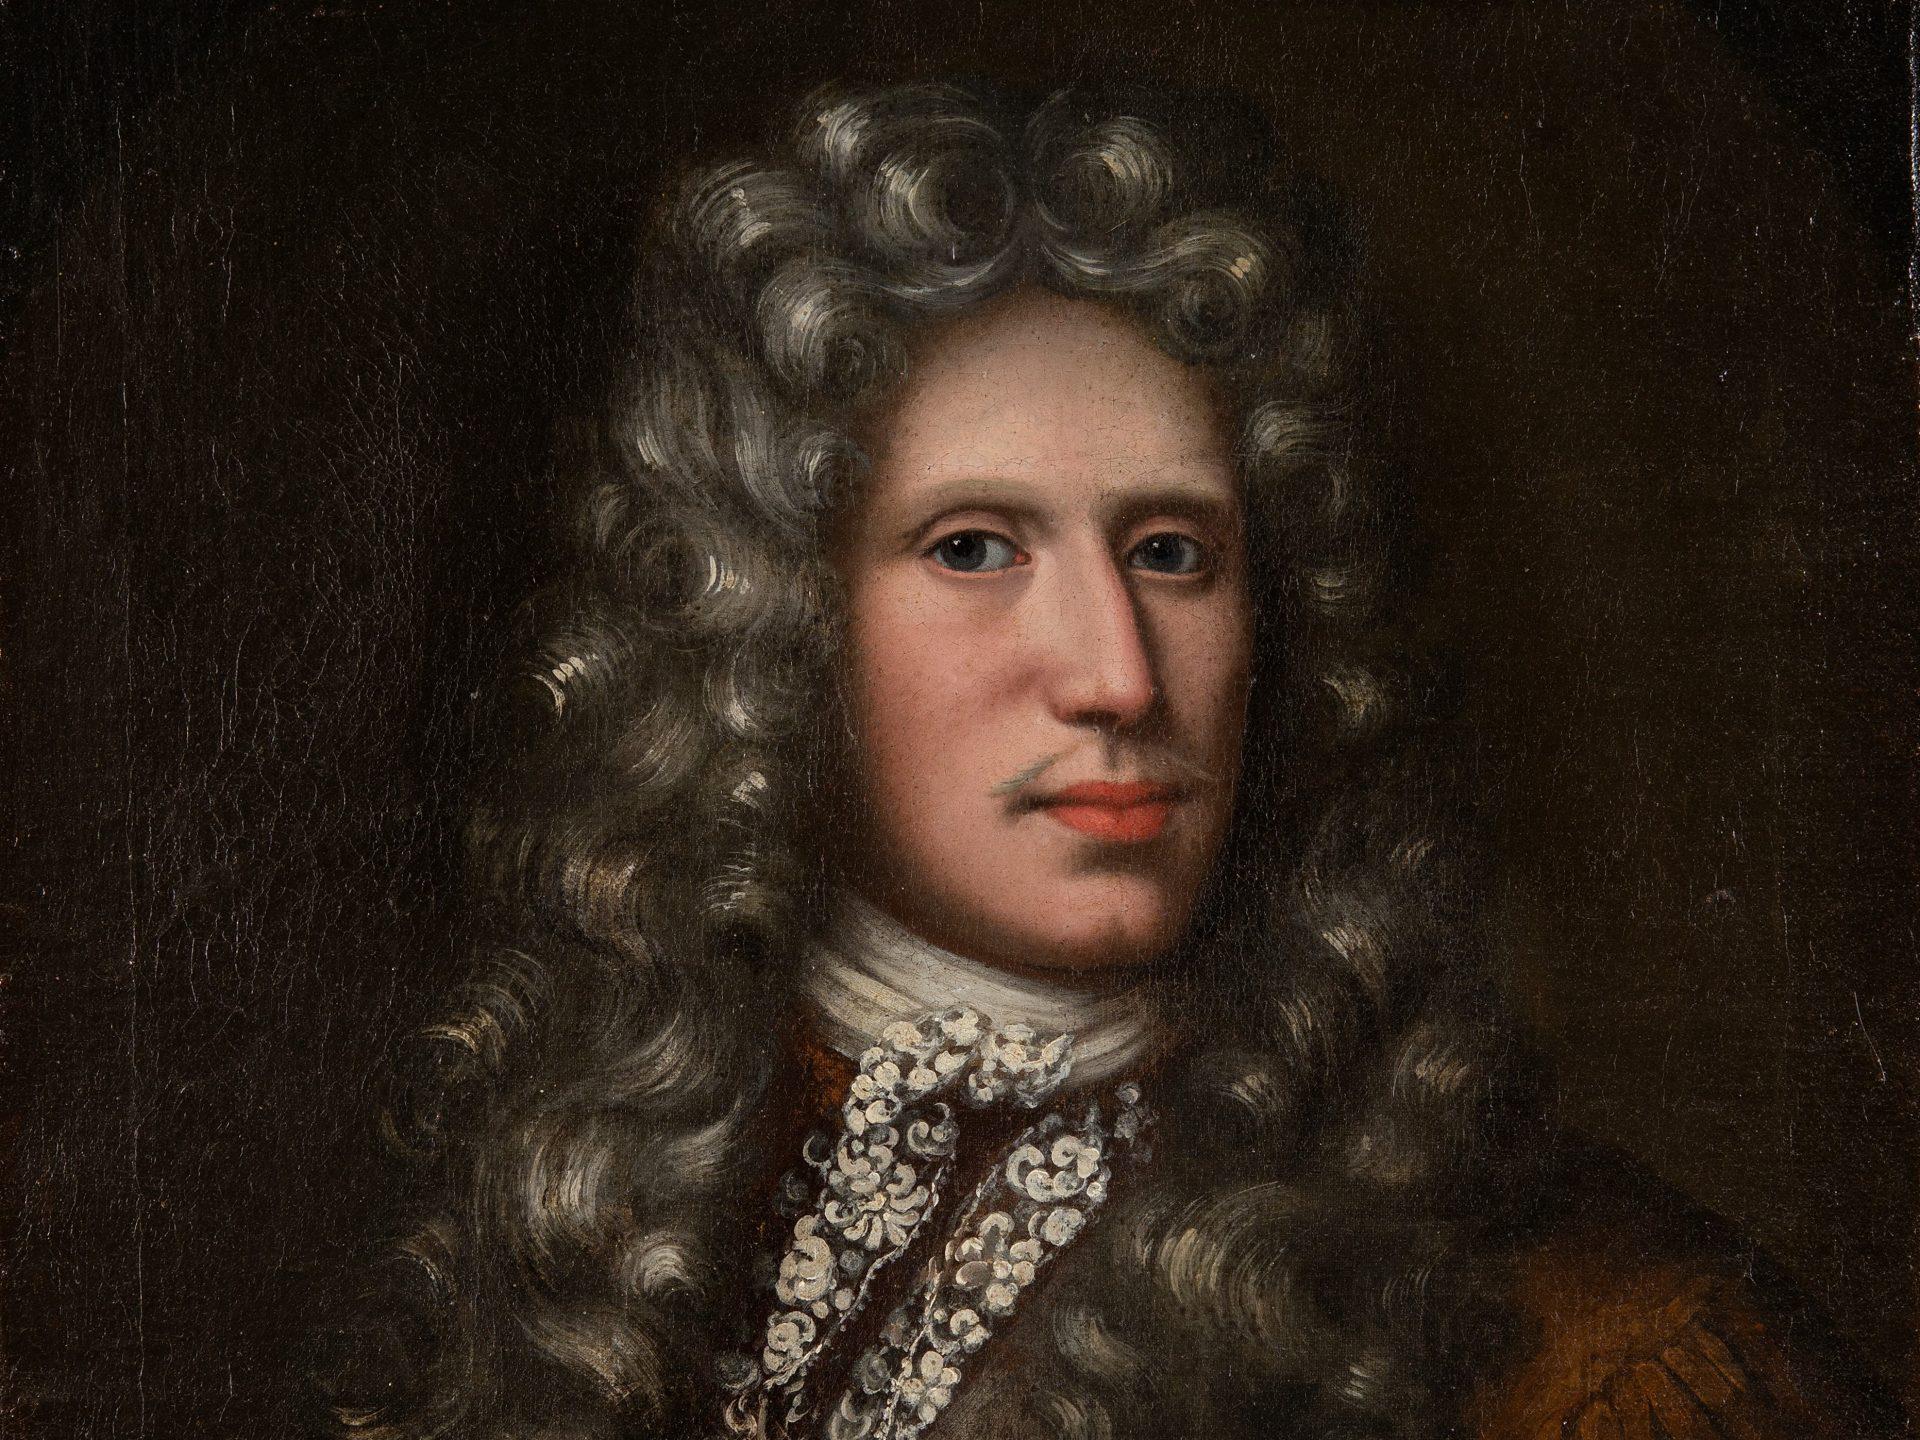 Porträtt av en man med ovalt ansikte, grå peruk med lockar och en stor kravatt av spetstyg.